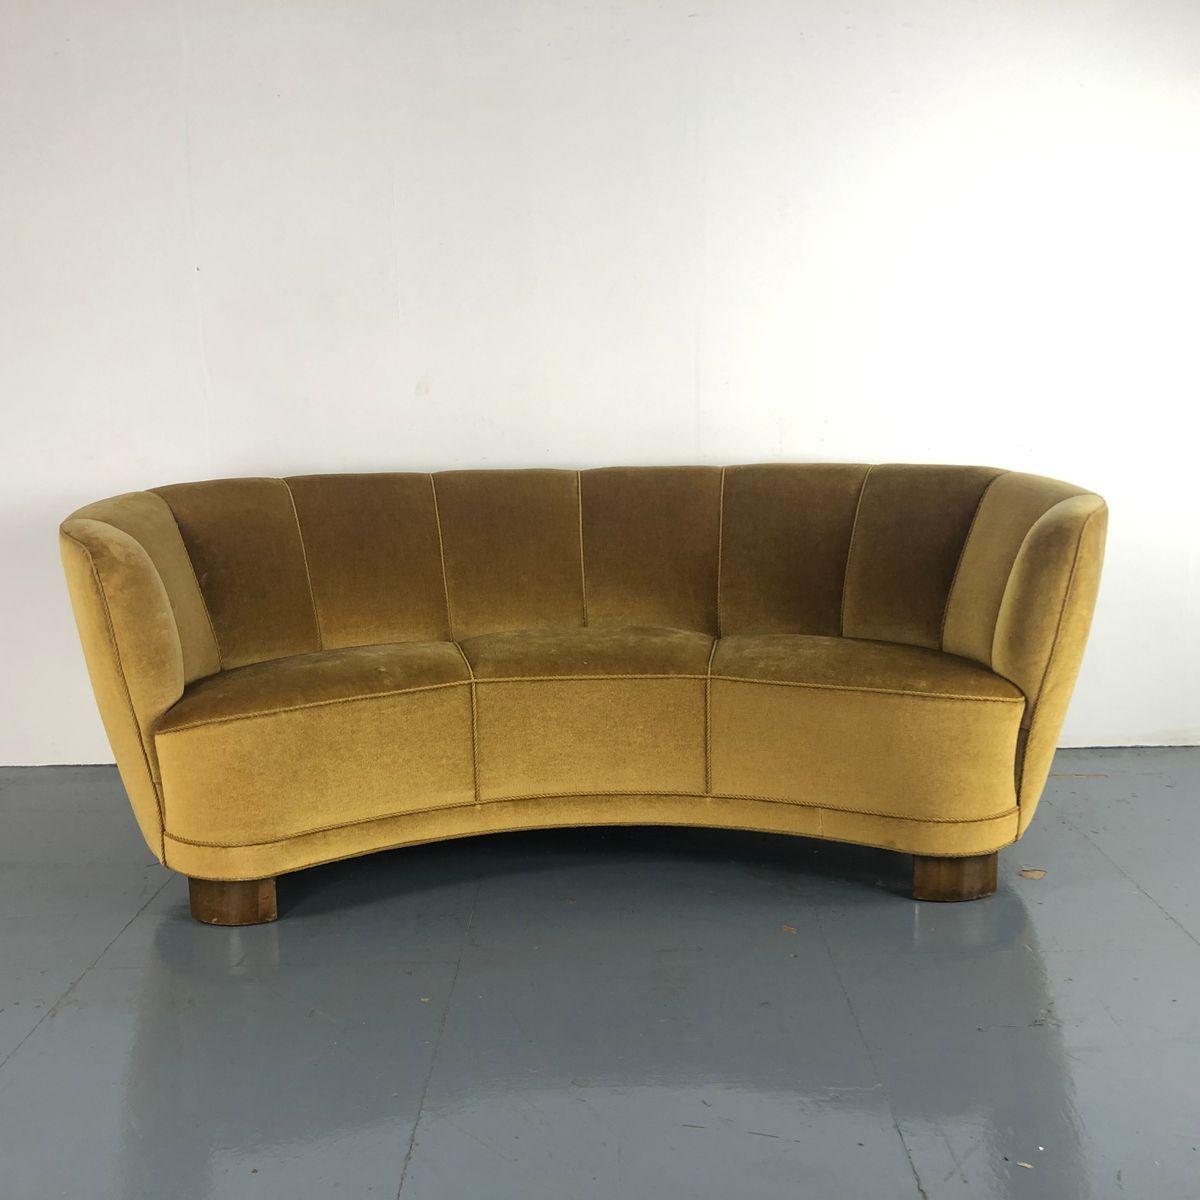 Vintage Danish Olive Green Velvet Banana Sofa For Sale At Pamono Vintage Couch Green Velvet Green Sofa